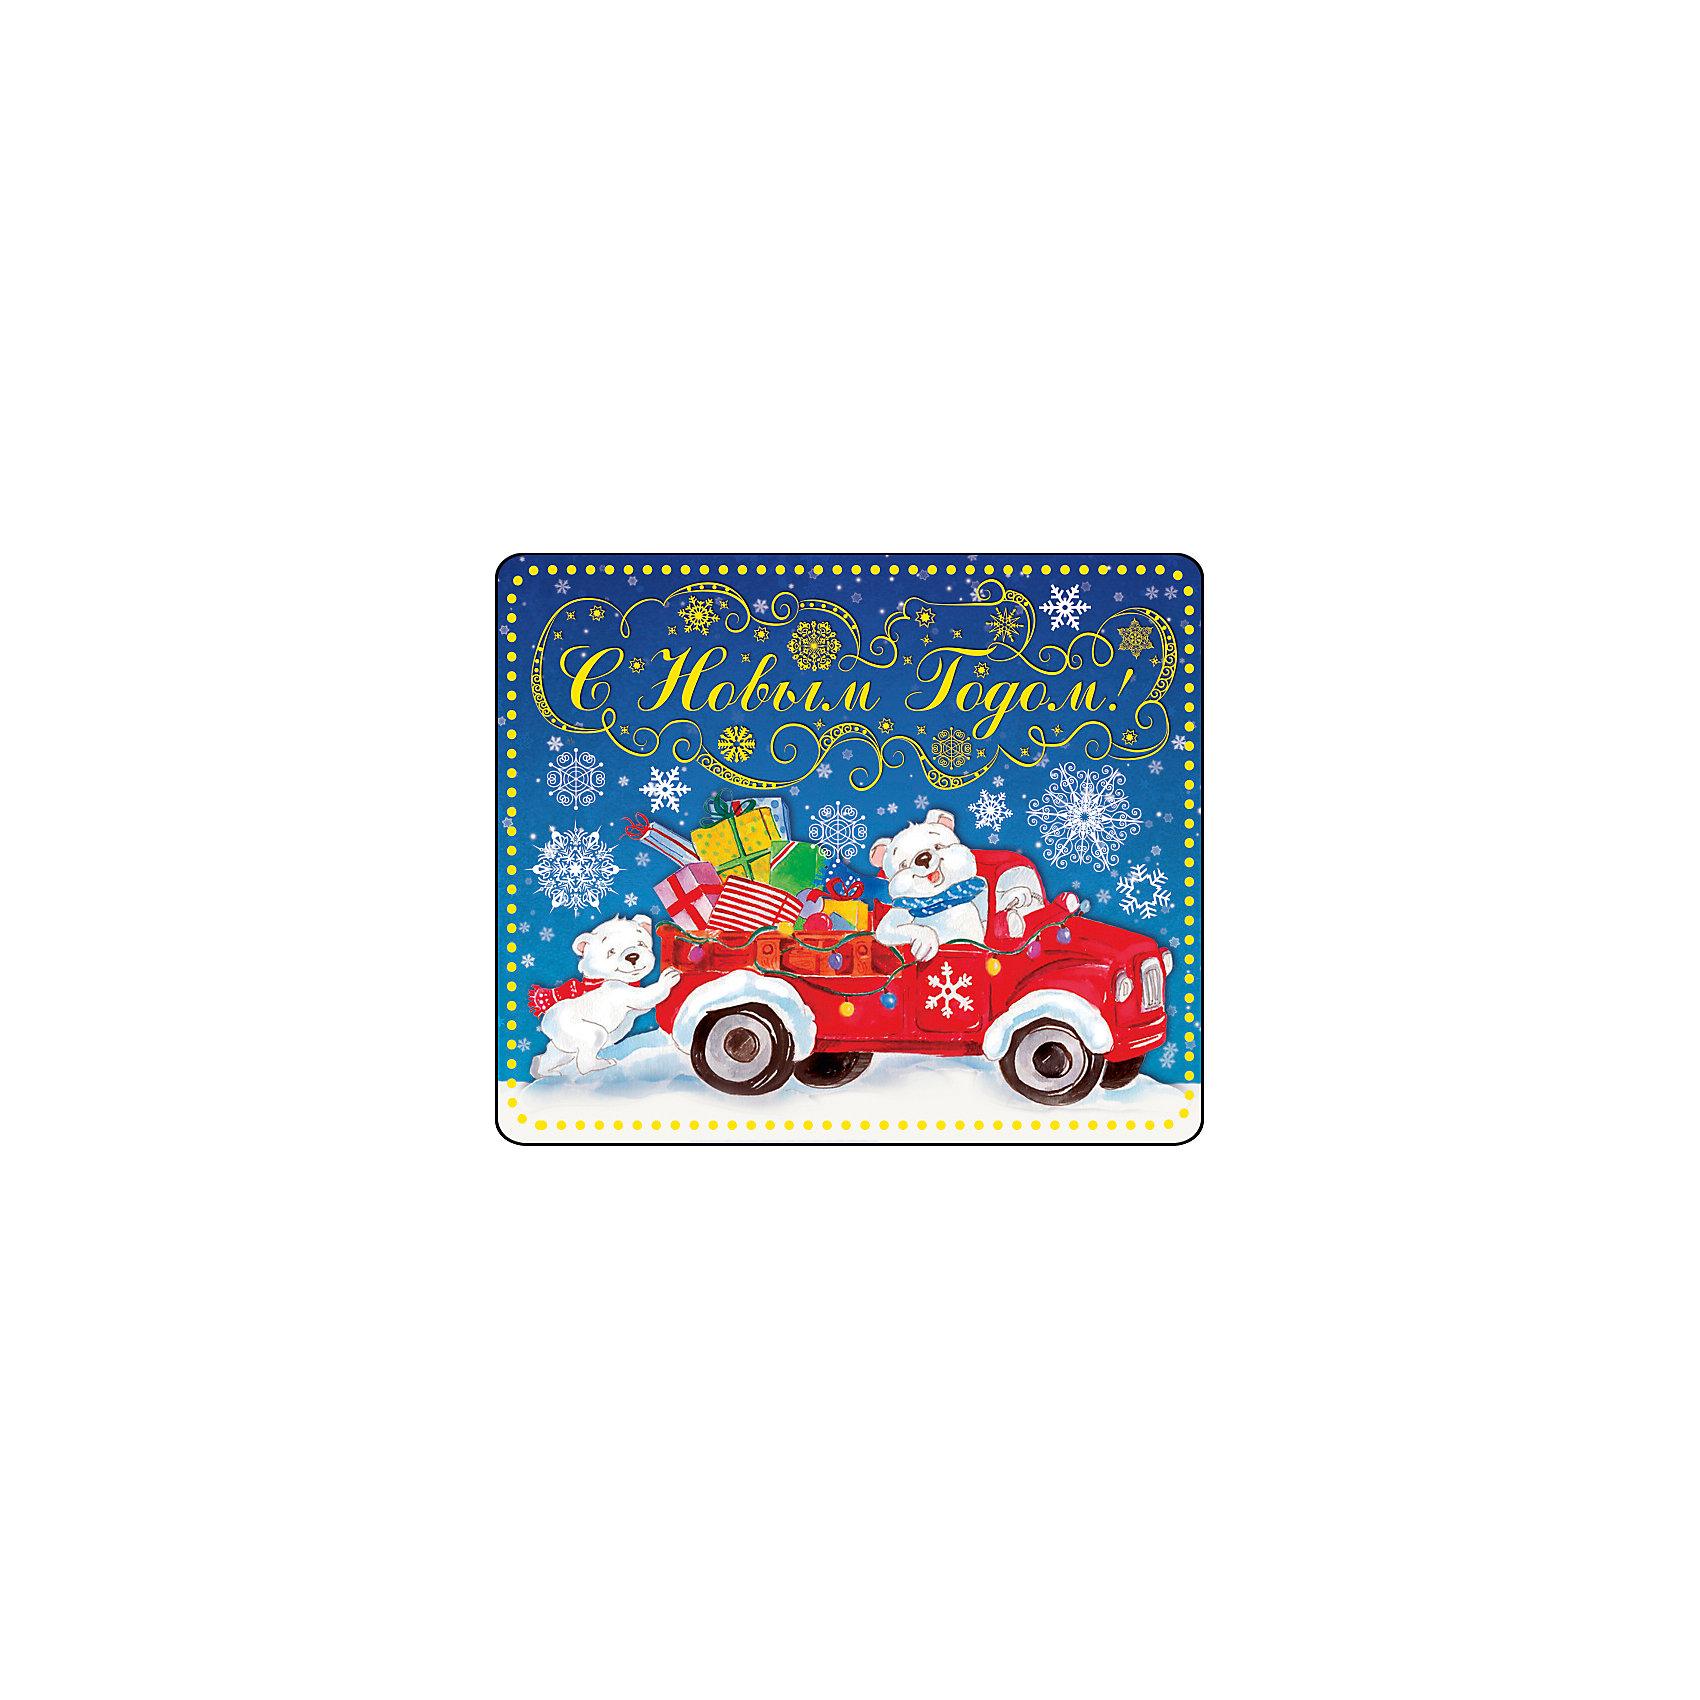 Магнит Северный мишка на машинеВсё для праздника<br>Яркий магнит с новогодней символикой - прекрасный вариант для праздничного сувенира. Магнит можно прикрепить на любую металлическую поверхность, он всегда будет радовать, напоминая о веселом и таком долгожданном для всех празднике! <br><br>Дополнительная информация:<br><br>- Материал: агломерированный феррит. <br>- Размер: 5х6 см.<br>- Яркий привлекательный дизайн. <br><br>Новогодний магнит Северный мишка на машине можно купить в нашем магазине.<br><br>Ширина мм: 100<br>Глубина мм: 100<br>Высота мм: 10<br>Вес г: 260<br>Возраст от месяцев: 36<br>Возраст до месяцев: 2147483647<br>Пол: Унисекс<br>Возраст: Детский<br>SKU: 4981322